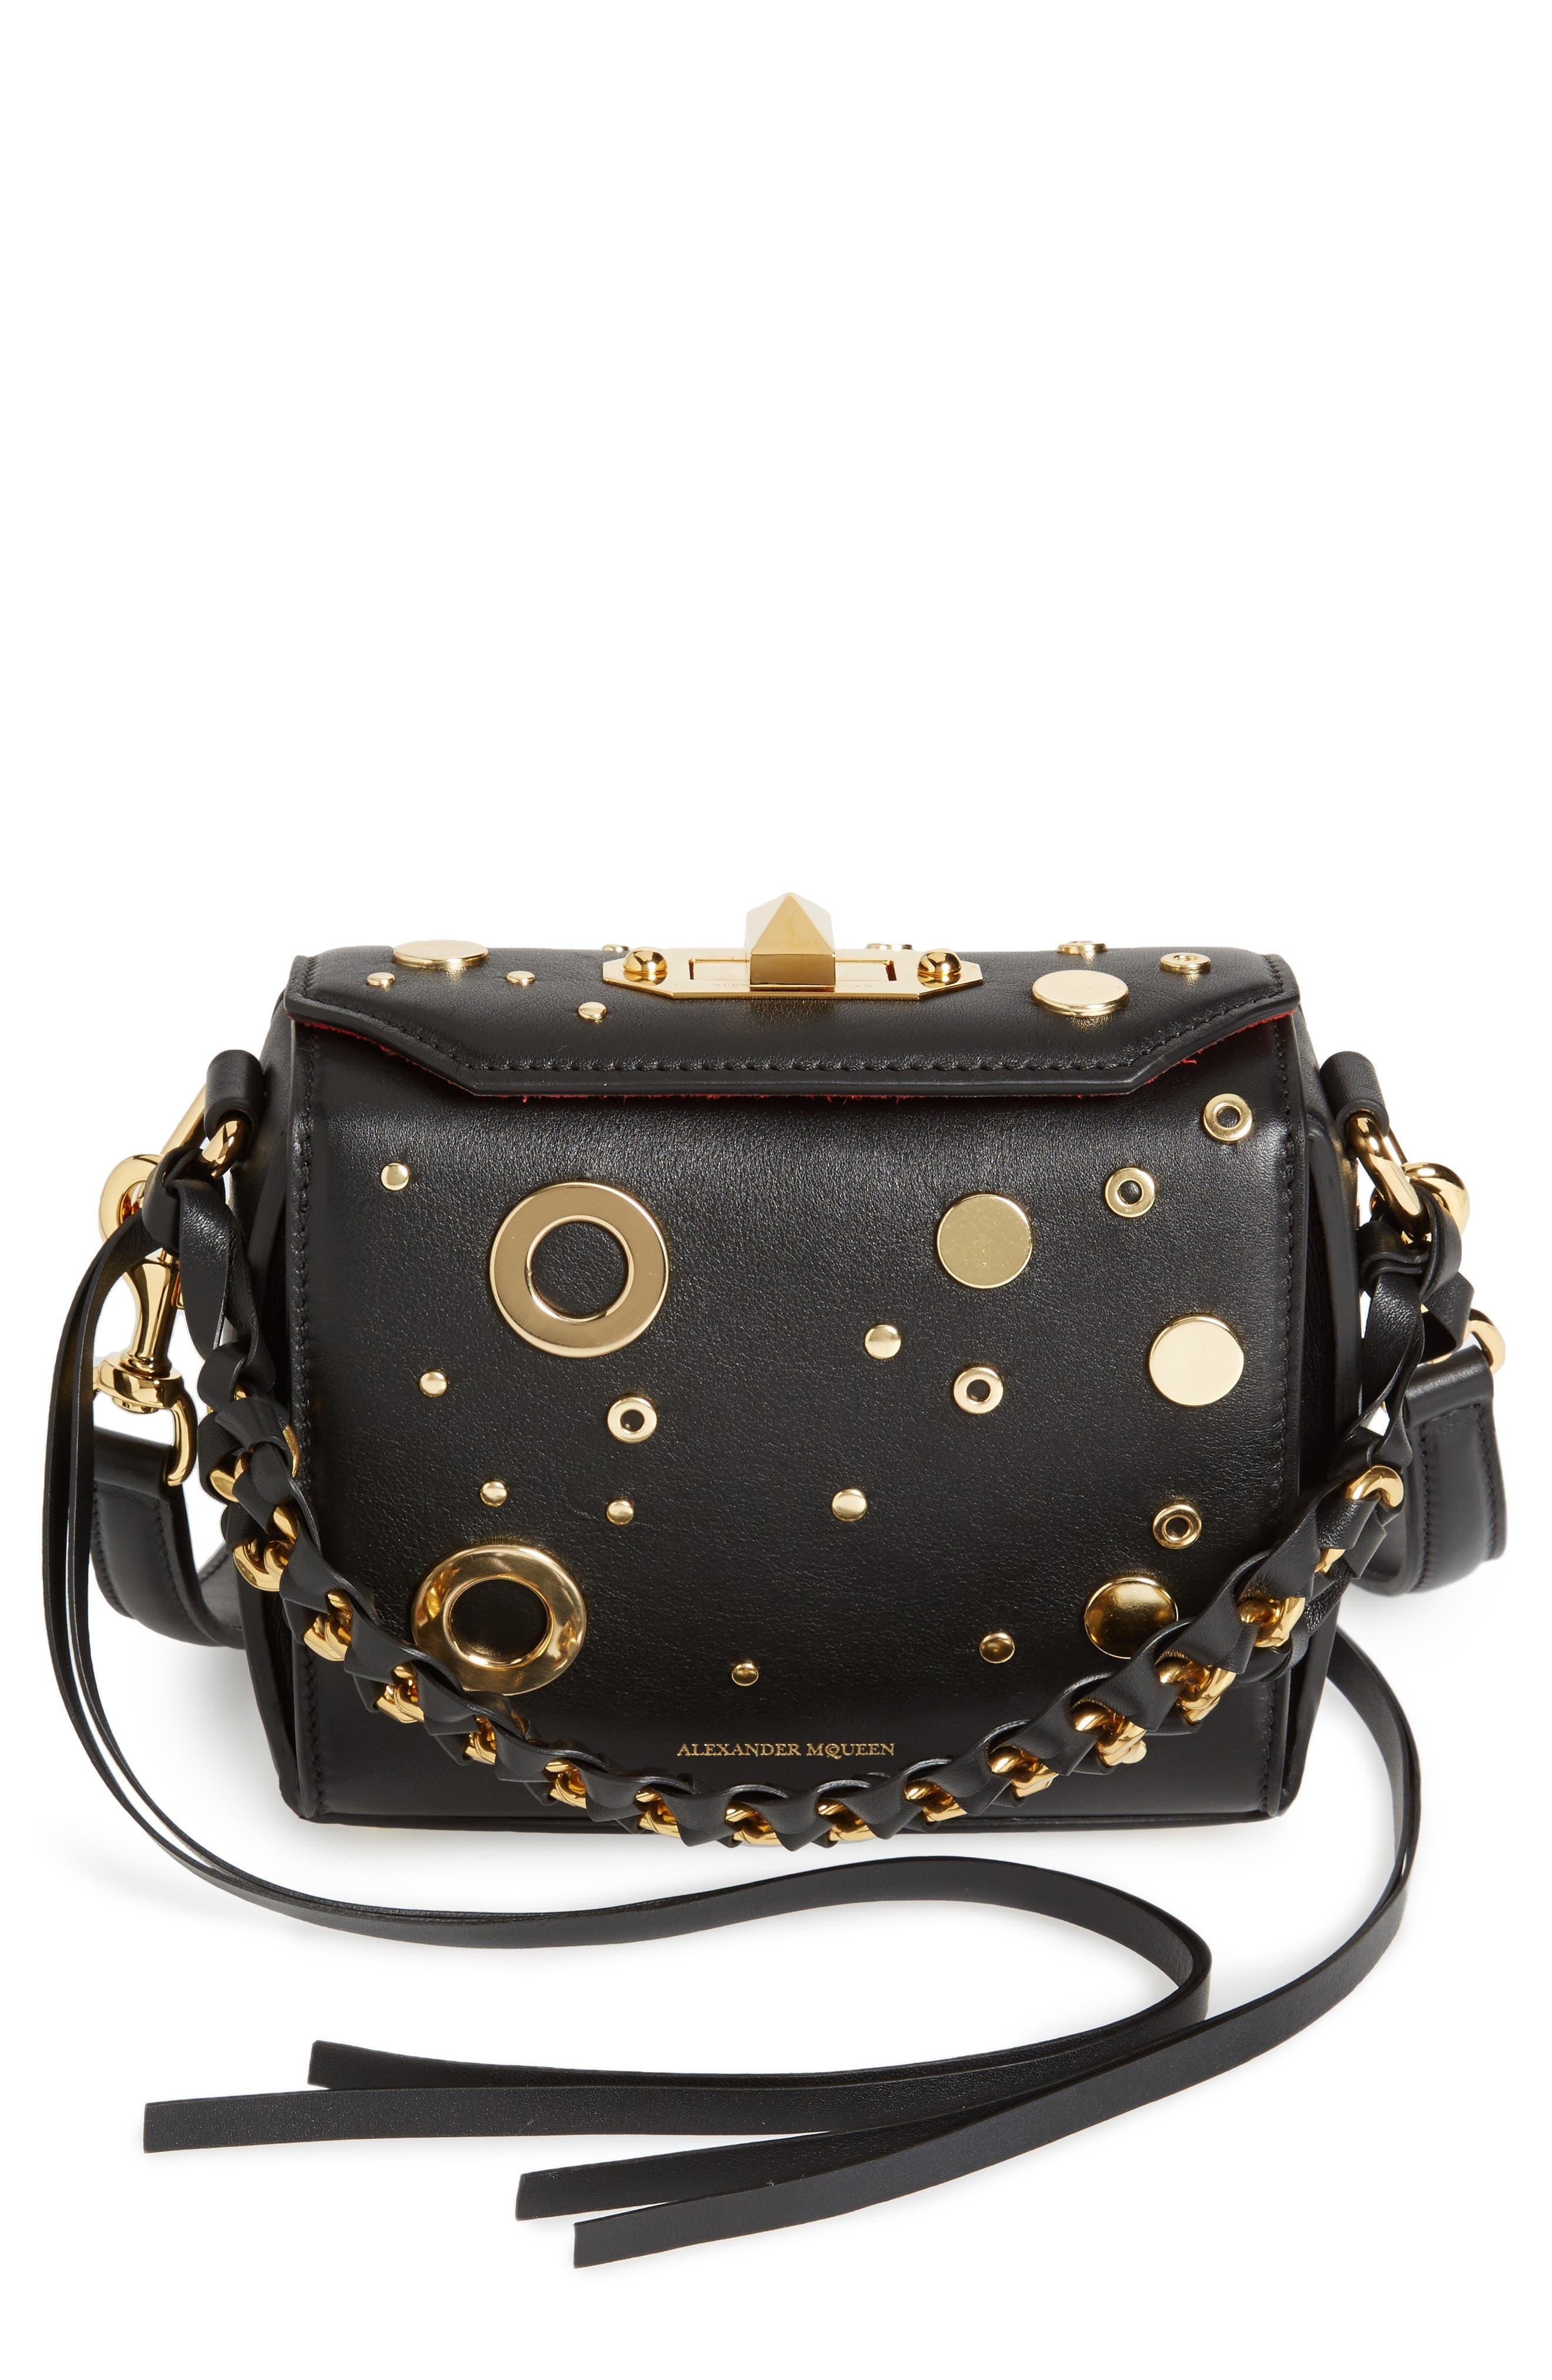 Grommet & Stud Calfskin Leather Box Bag,                         Main,                         color, Black